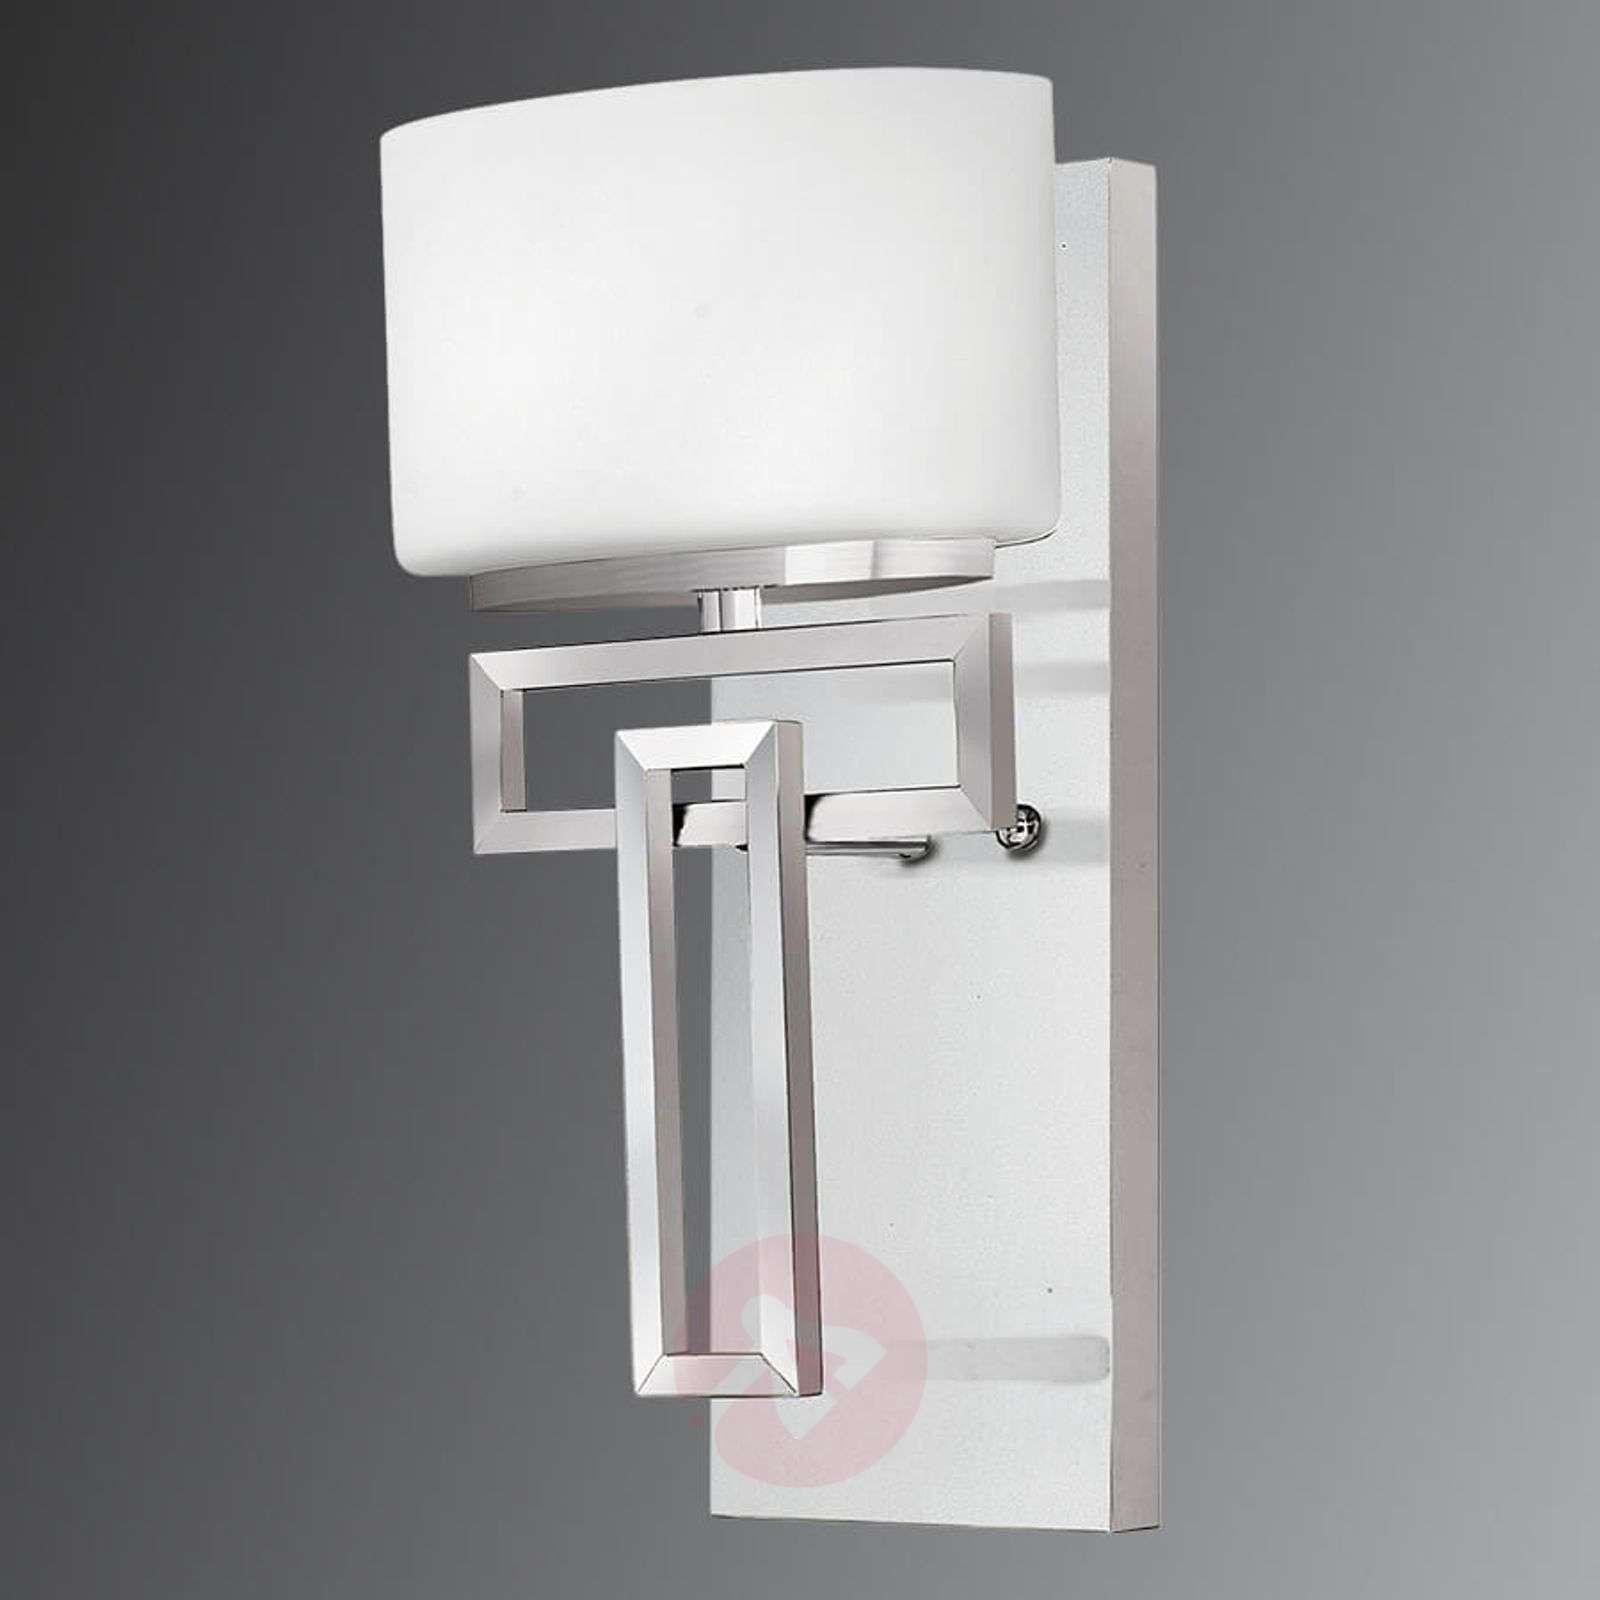 Linear bathroom wall light Lanza-3048636-01